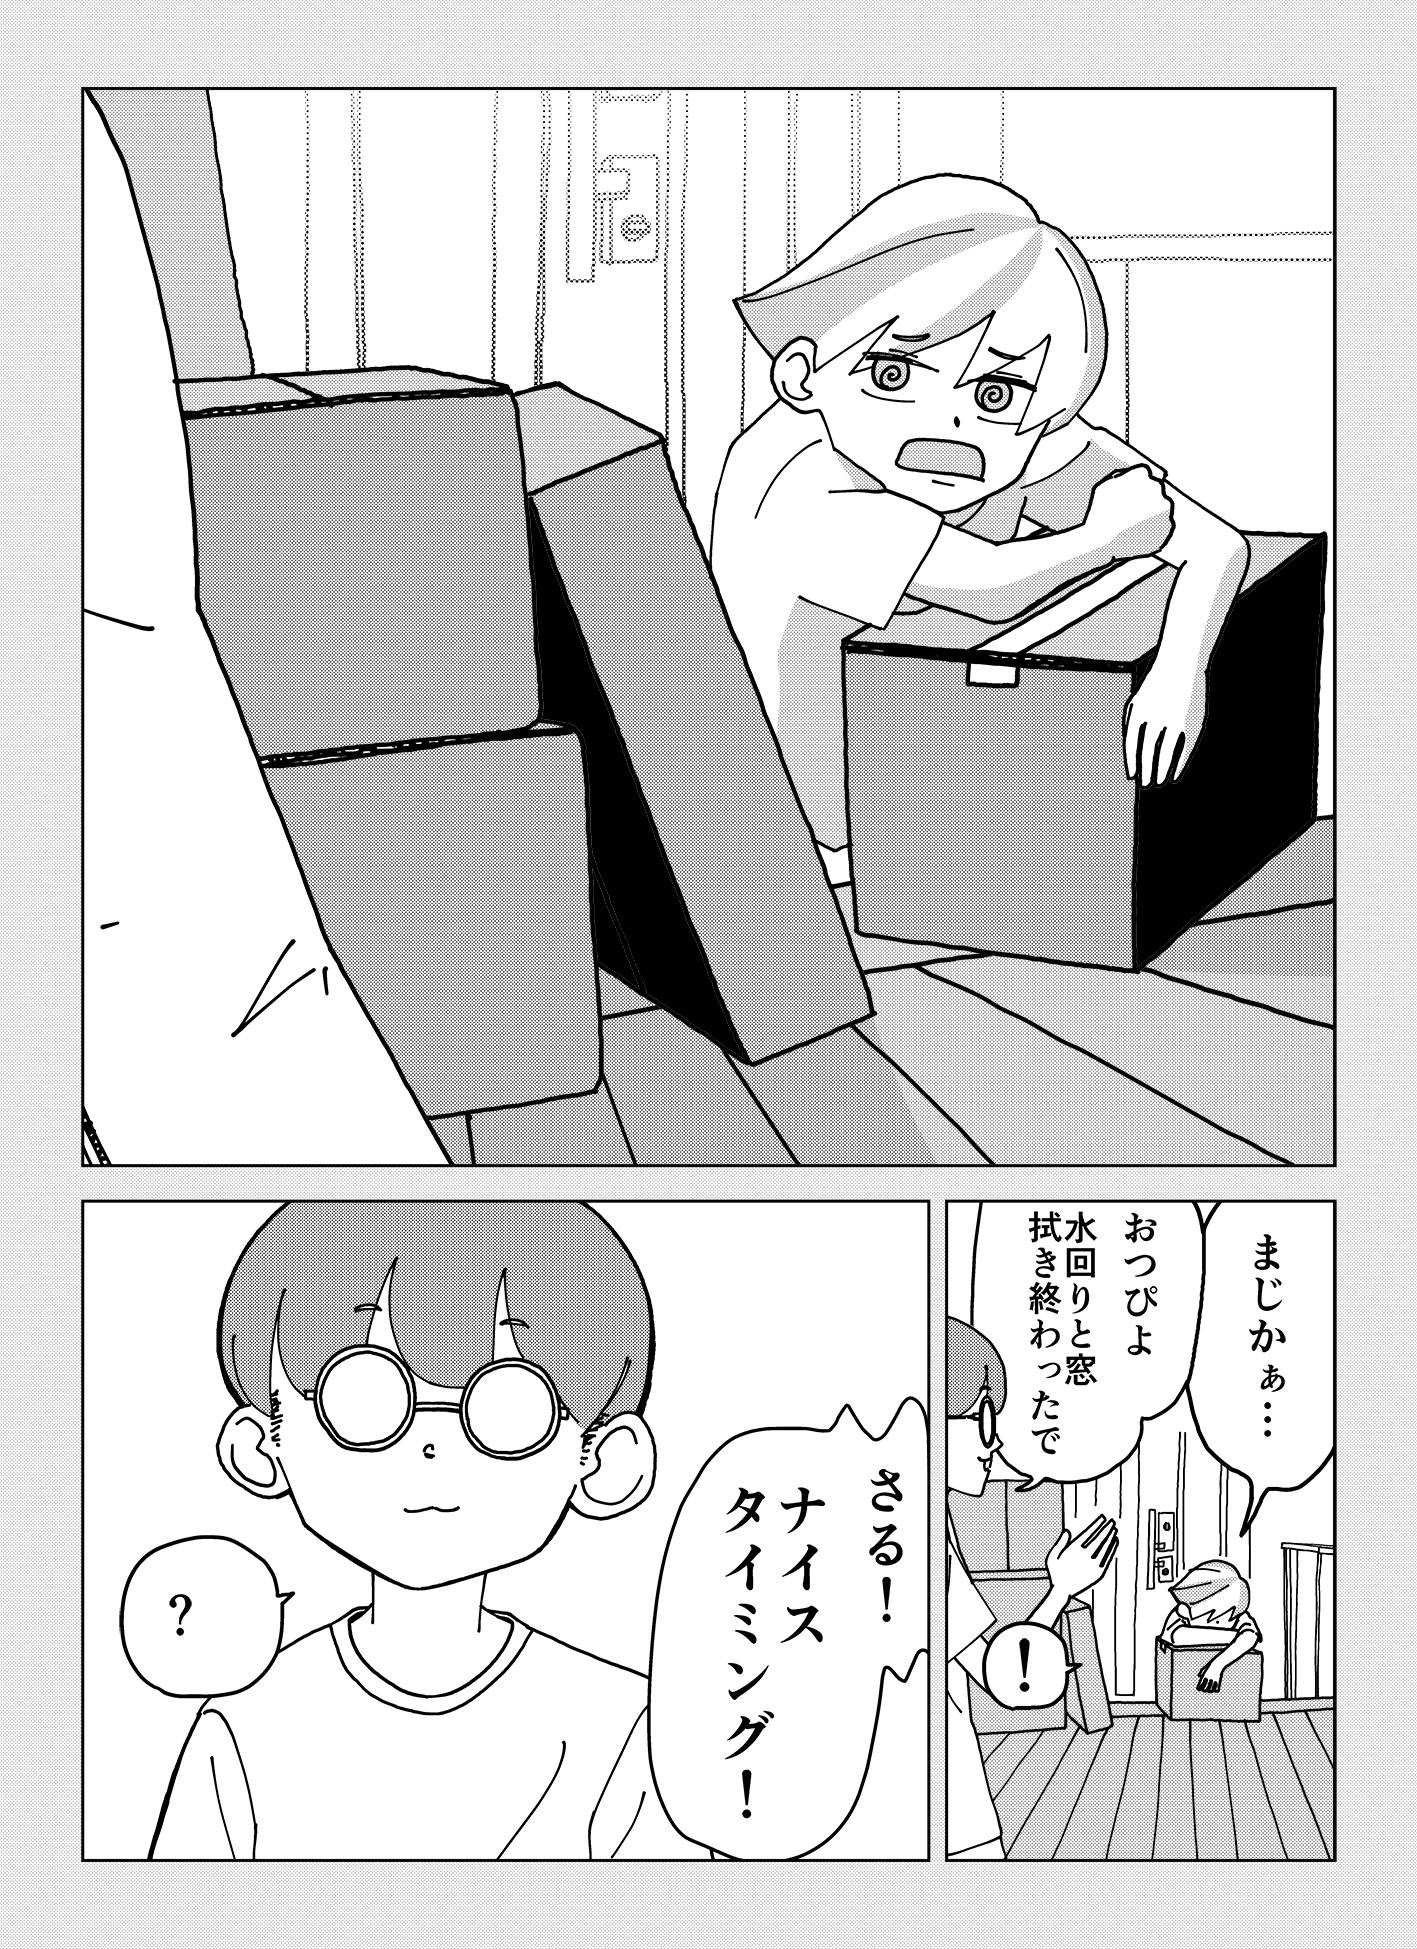 share_b_004